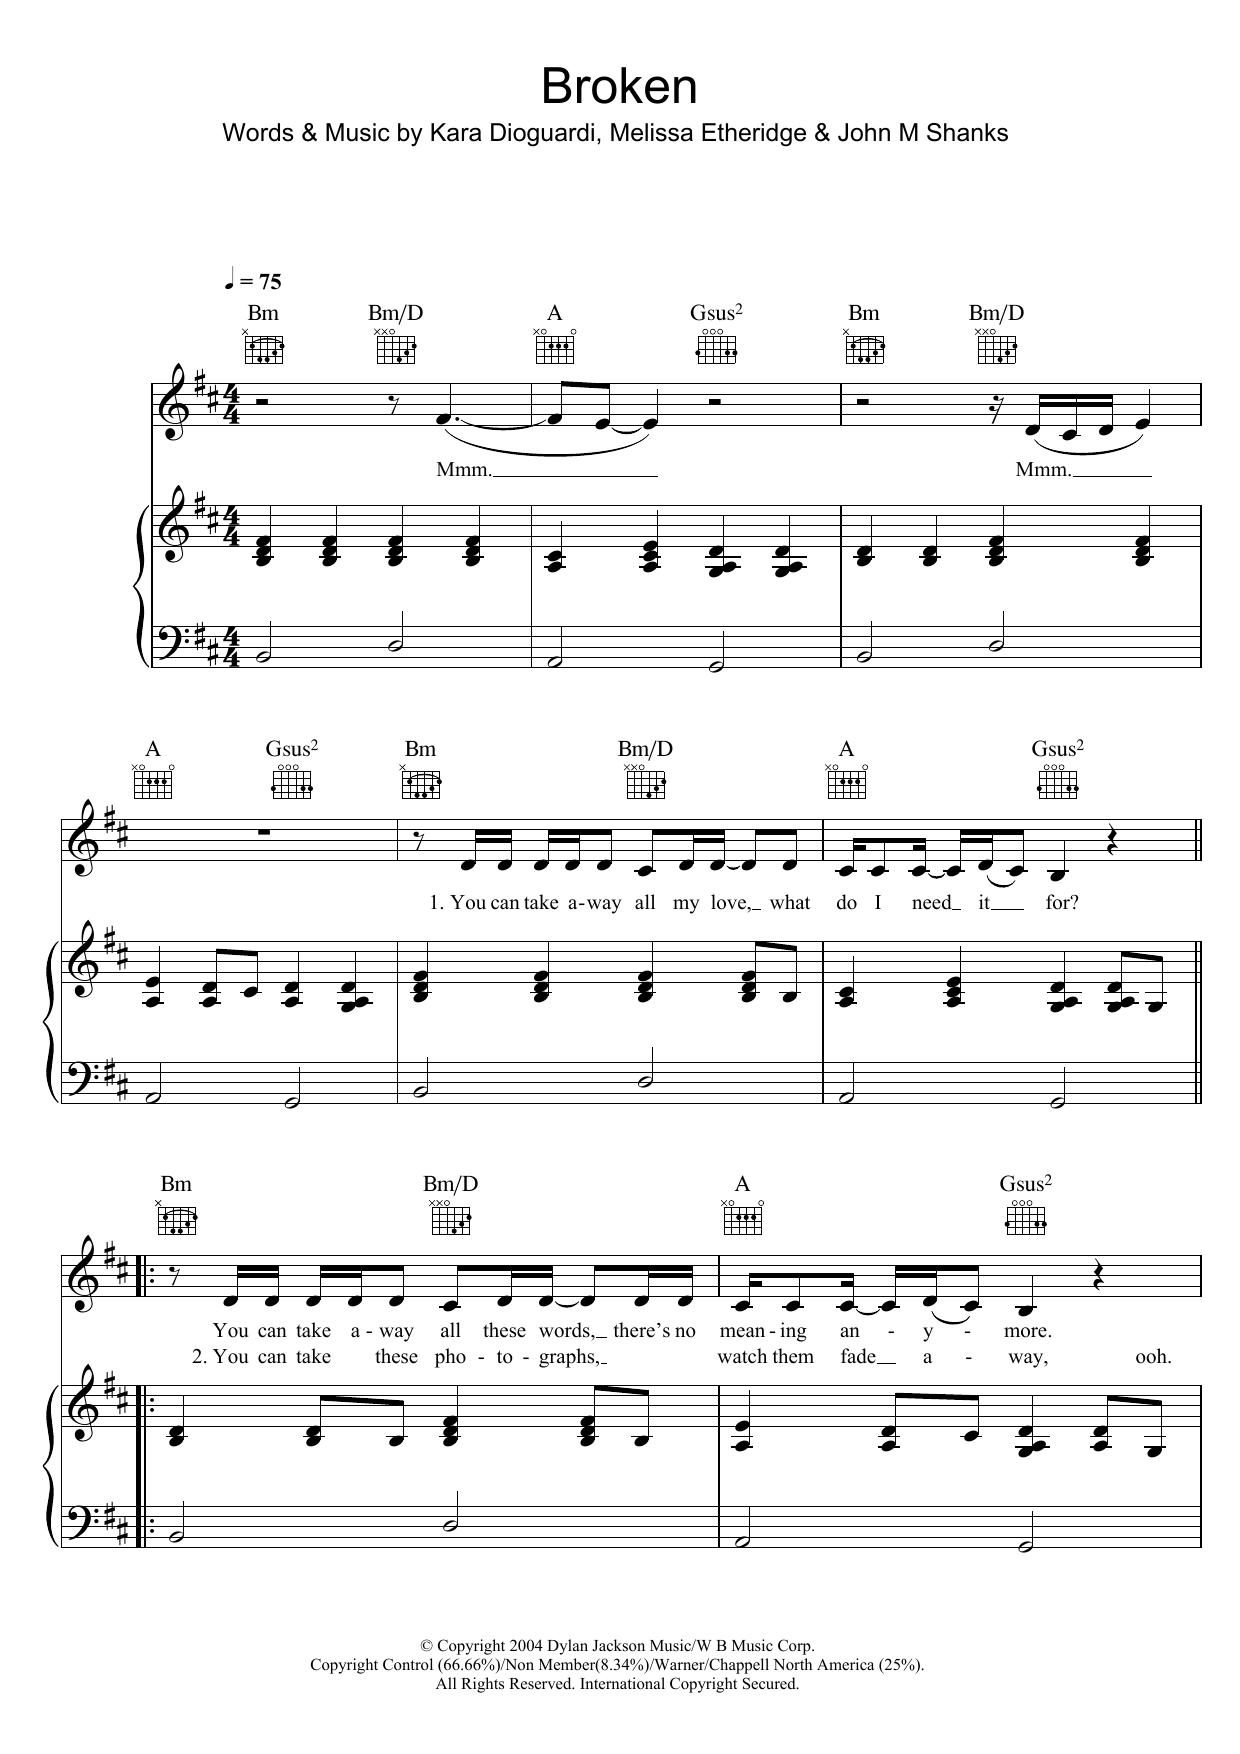 Broken sheet music